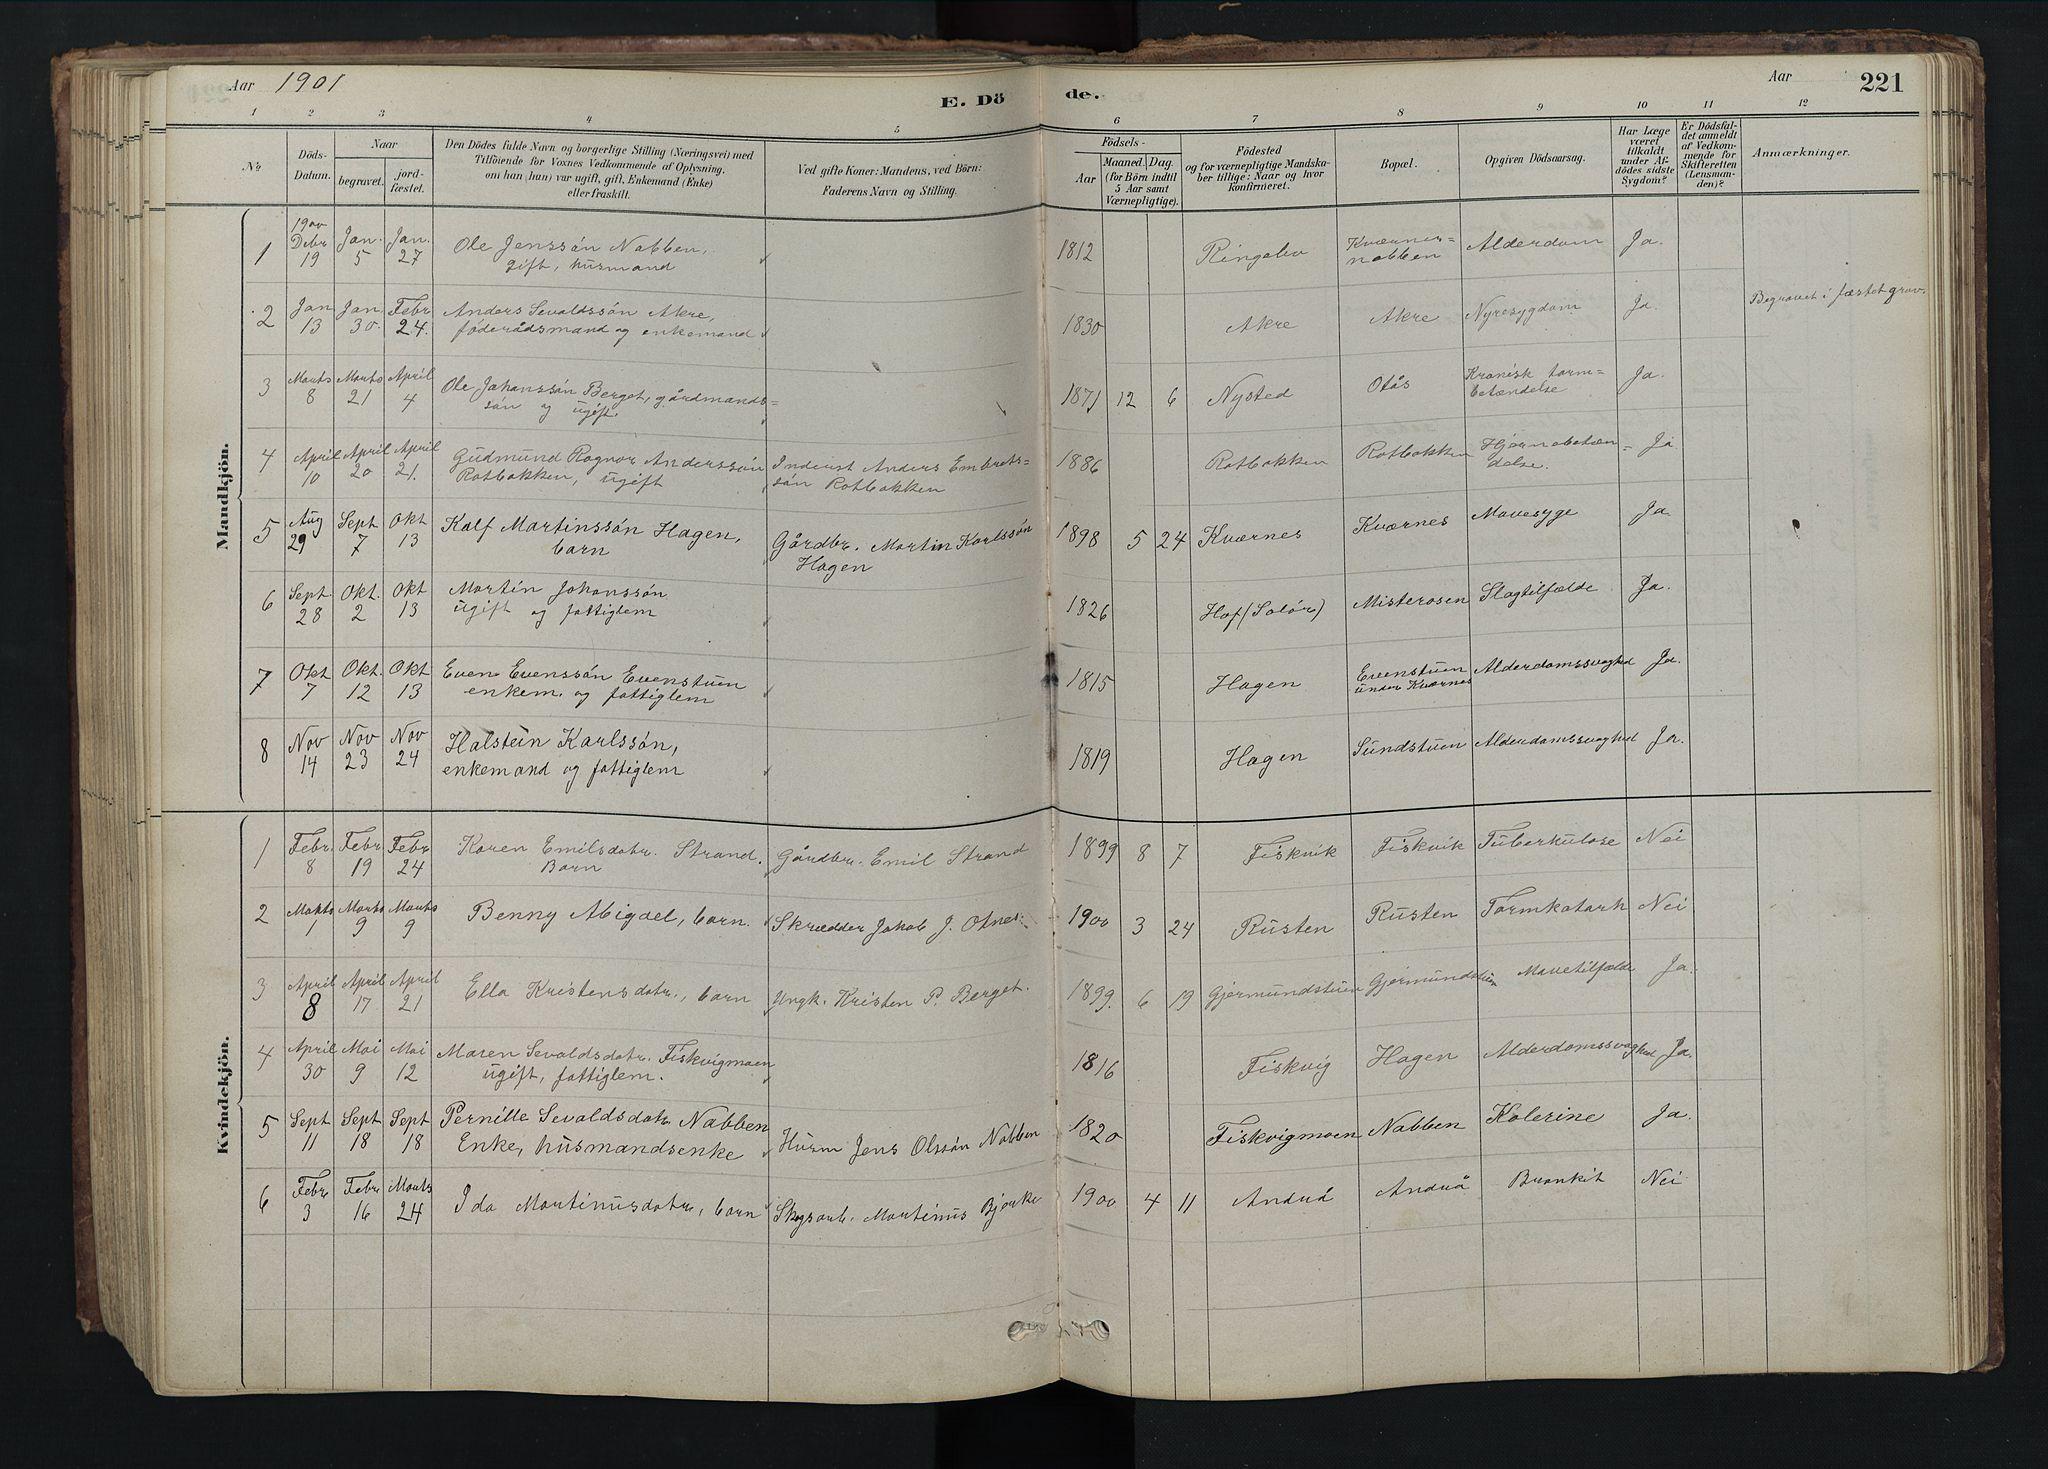 SAH, Rendalen prestekontor, H/Ha/Hab/L0009: Klokkerbok nr. 9, 1879-1902, s. 221